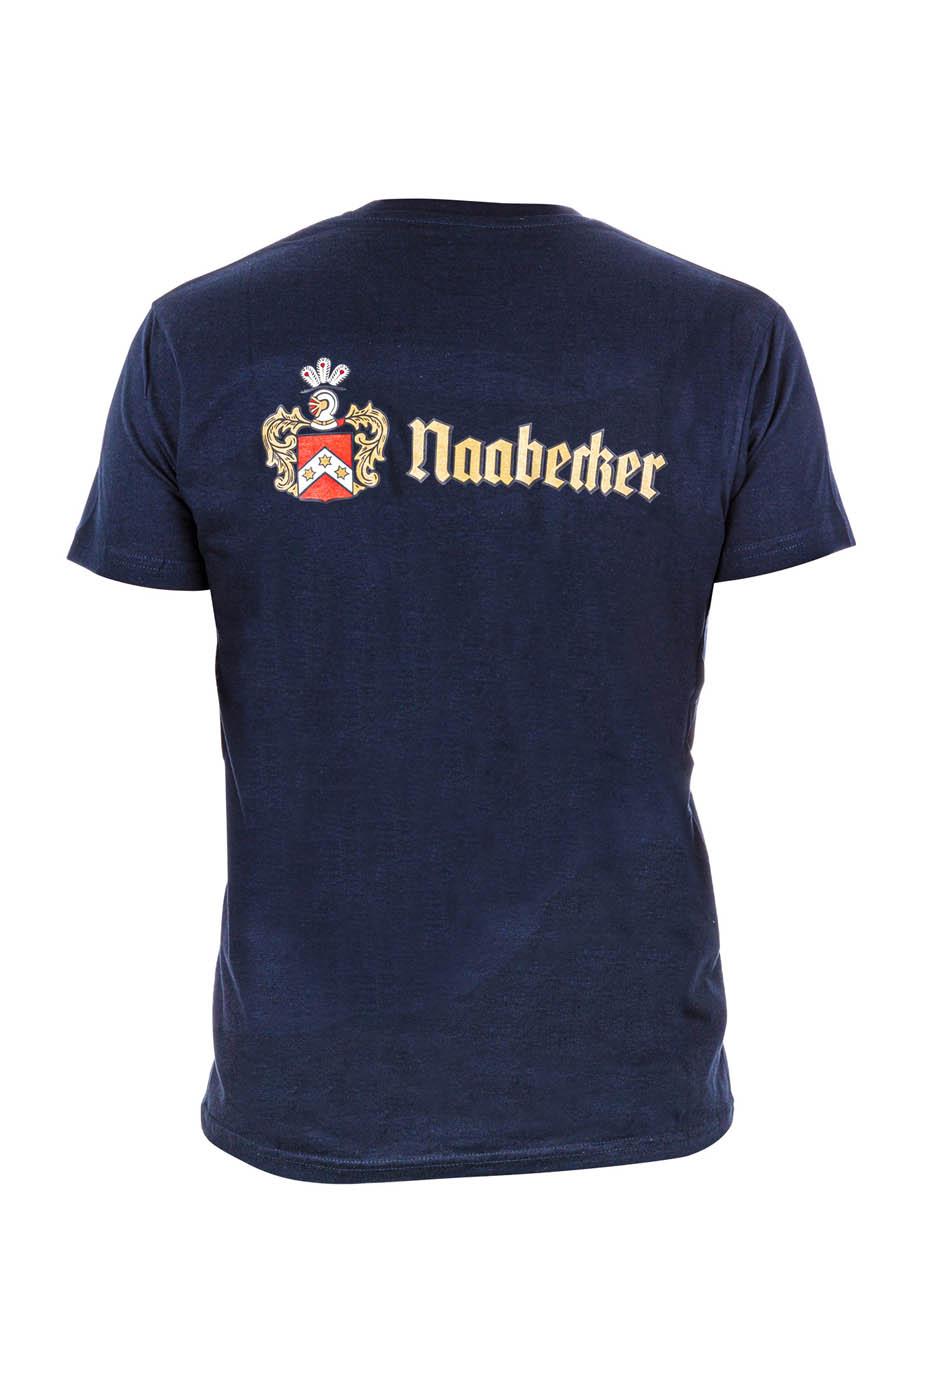 Naabecker  T-Shirt Herren